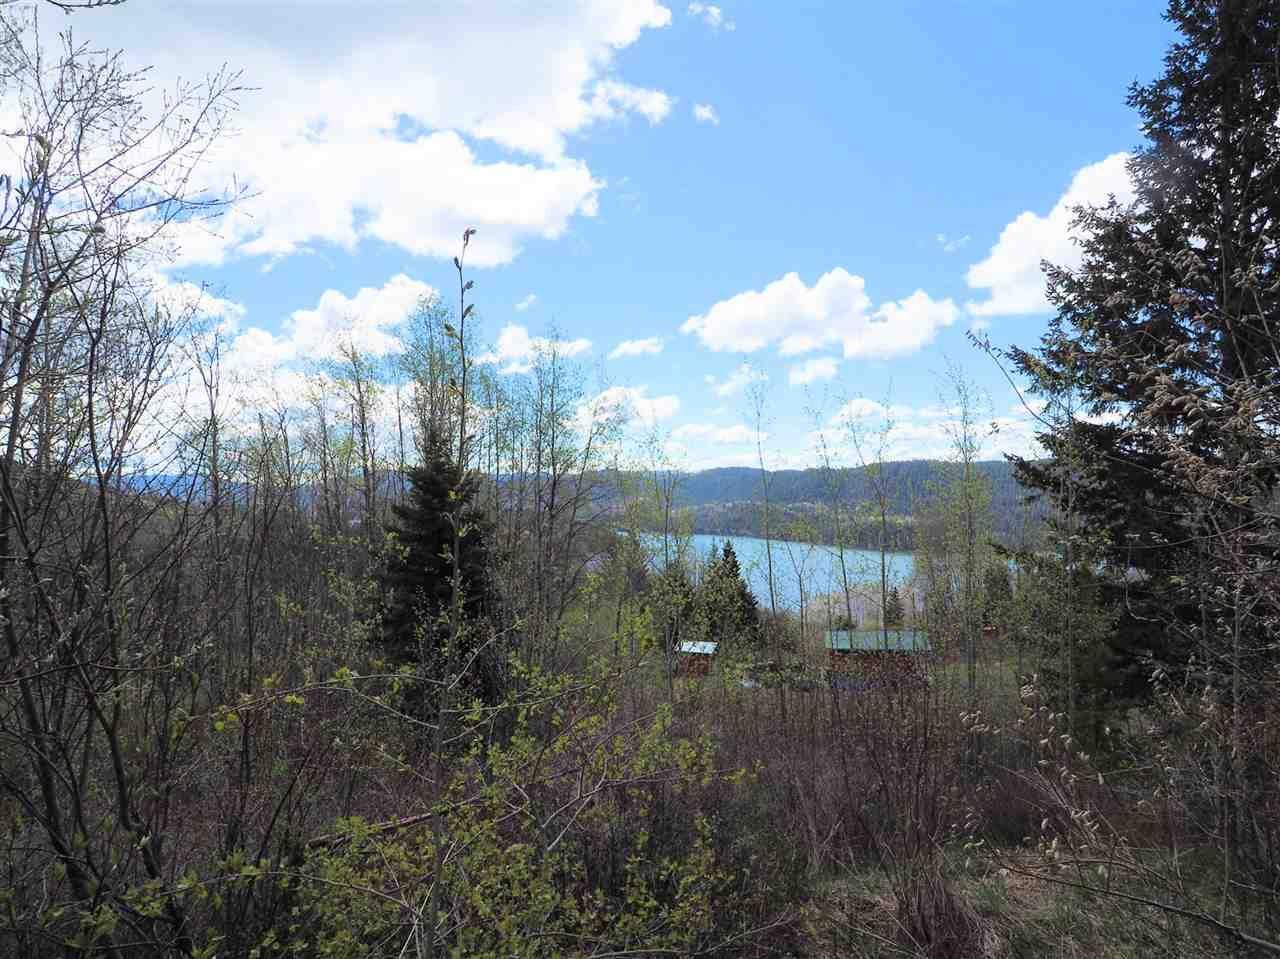 Photo 12: Photos: LOT 14 COTTAGE Lane in Bridge Lake: Bridge Lake/Sheridan Lake Land for sale (100 Mile House (Zone 10))  : MLS®# R2462169